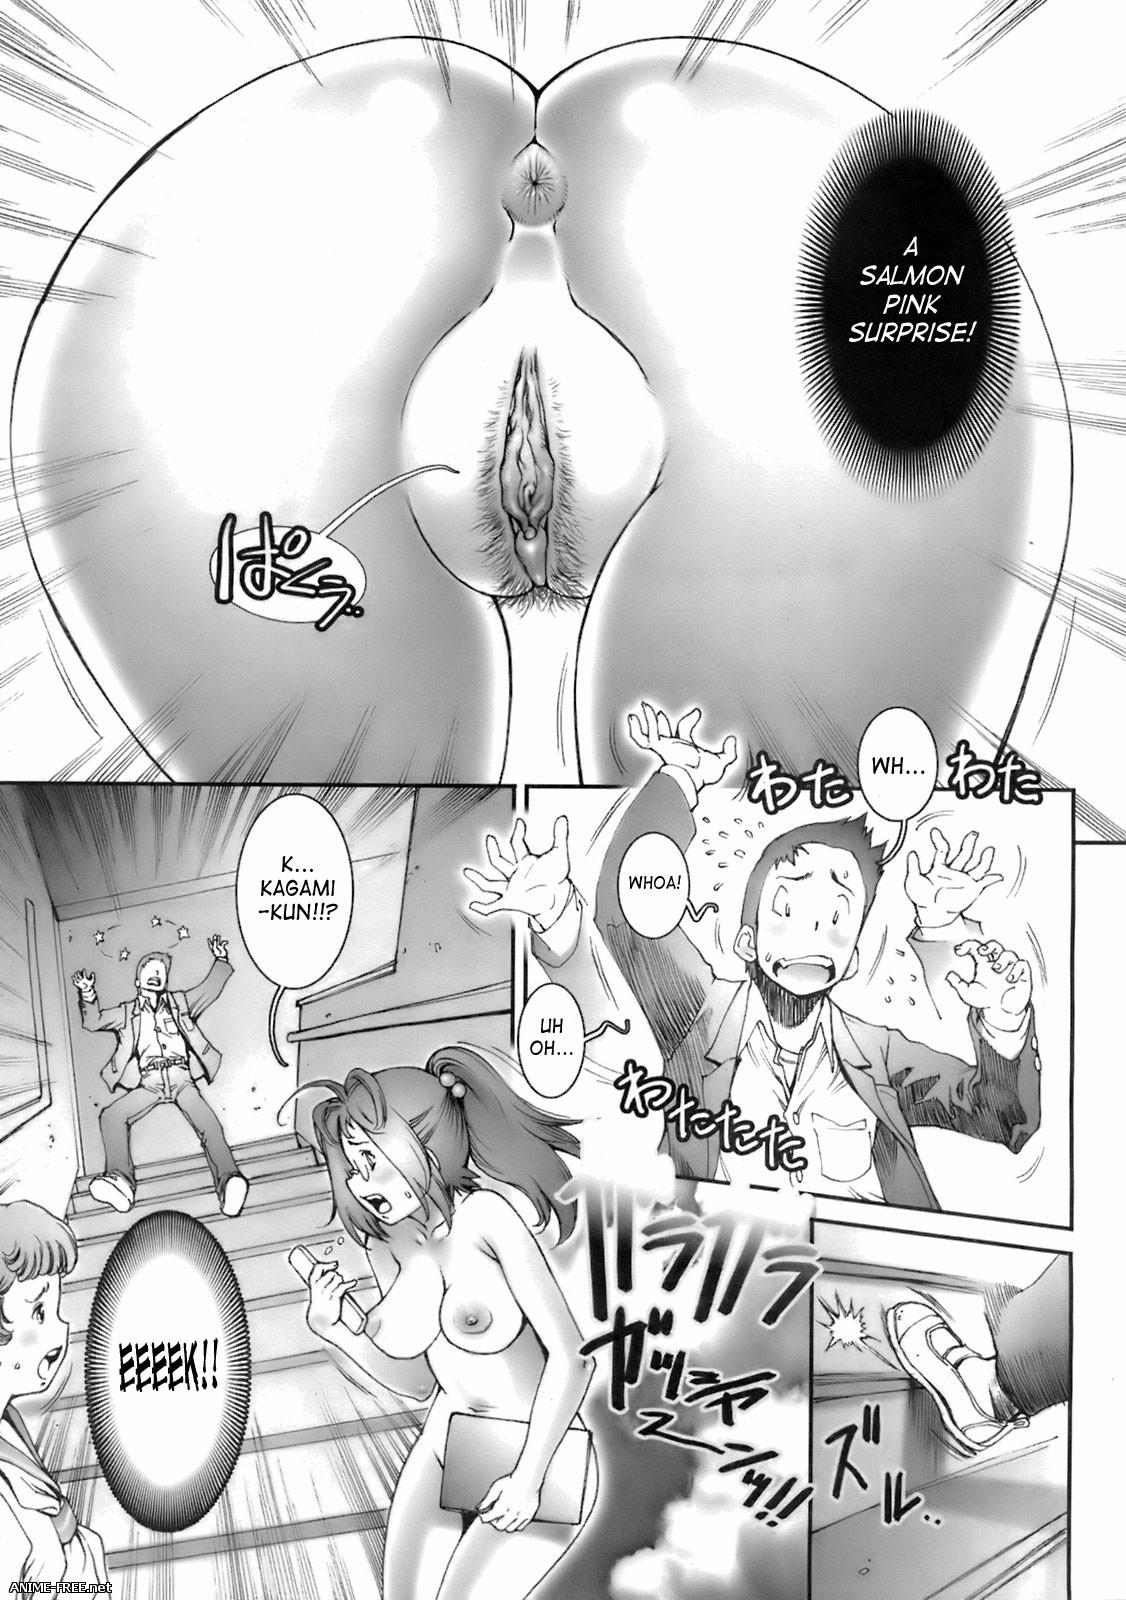 Sengoku-kun / Studio Tapa Tapa - Сборник хентай манги [Ptcen] [JAP,ENG,RUS] Manga Hentai